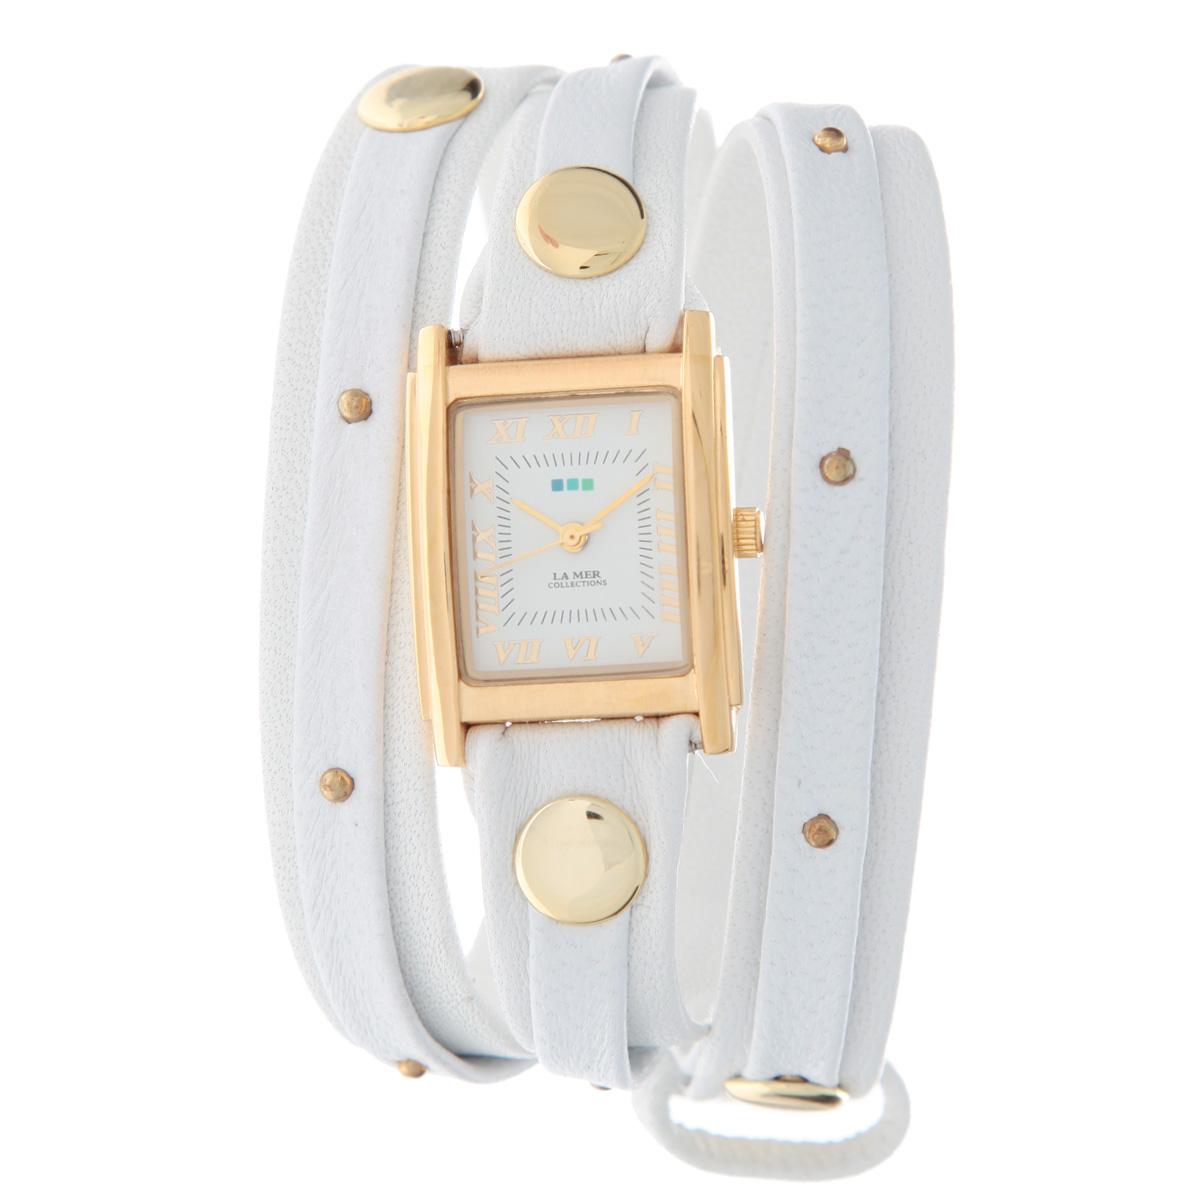 Часы наручные женские La Mer Collections Stud White Gold. LMSW1016GoldLMSW1016GoldЖенские наручные часы  La Mer Collections позволят вам выделиться из толпы и подчеркнуть свою индивидуальность. Часы оснащены японским кварцевым механизмом Seiko. Ремешок двухслойный, выполнен из натуральной итальянской кожи и декорирован металлическими заклепками разных размеров. Корпус часов изготовлен из сплава металлов, золотистого цвета. Циферблат оснащен часовой, минутной и секундной стрелками и защищен минеральным стеклом, оформлен римскими цифрами и отметками.Часы застегиваются на классическую застежку. Часы хранятся на специальной подушечке в футляре из искусственной кожи, крышка которого оформлена логотипом компании La Mer Collection. Характеристики: Размер циферблата: 25 х 22 х 8 мм. Размер ремешка: 550 х 13 мм. Не содержат никель. Ширина верхнего слоя ремешка: 6 мм. Не водостойкие. Собираются вручную в США.